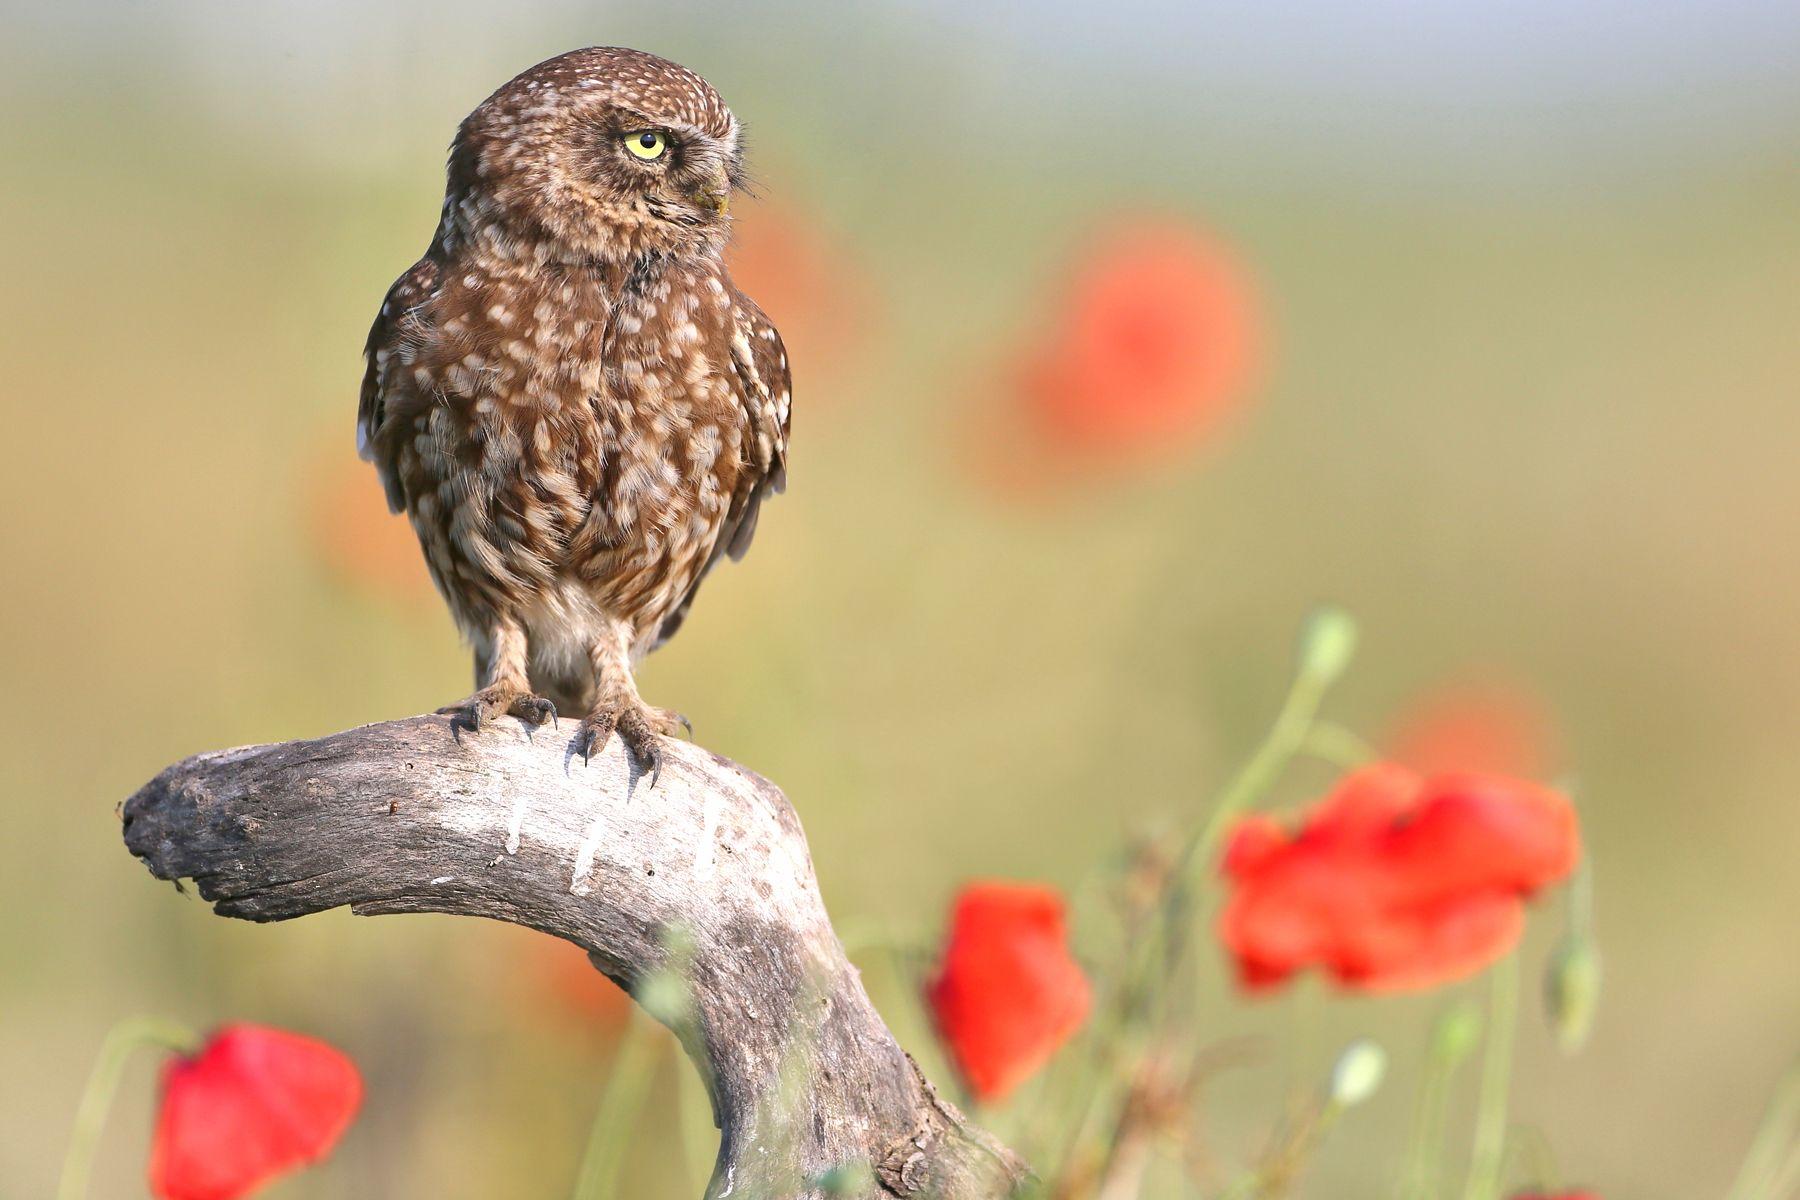 Little Owl in a Hungarian poppy field